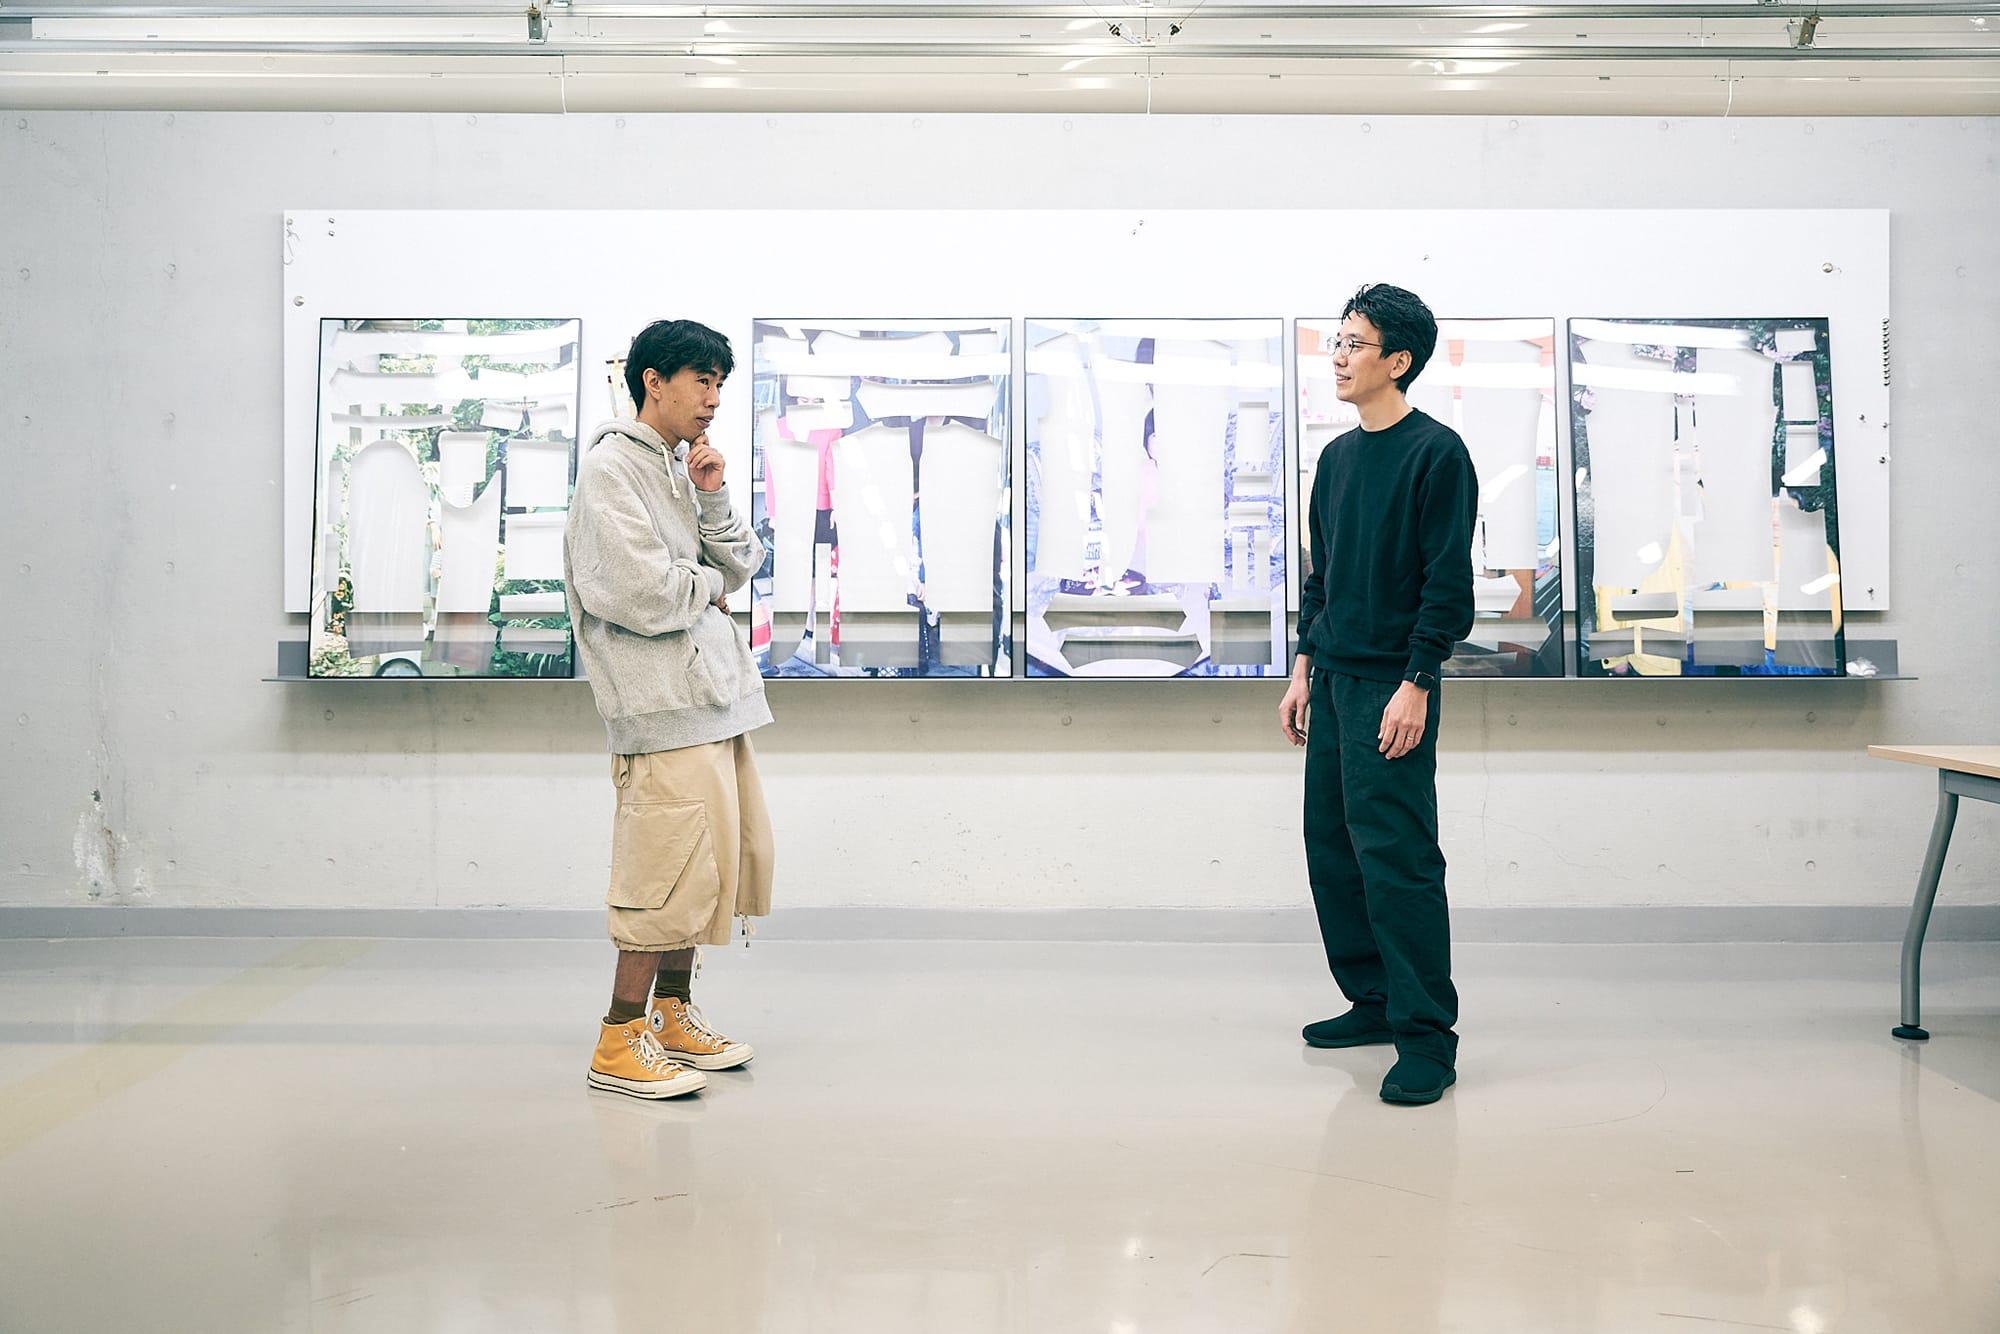 ファッションを進化させるPUGMENTの挑戦とFLAT LABOのプリント技術 | 大谷将弘×小須田翔